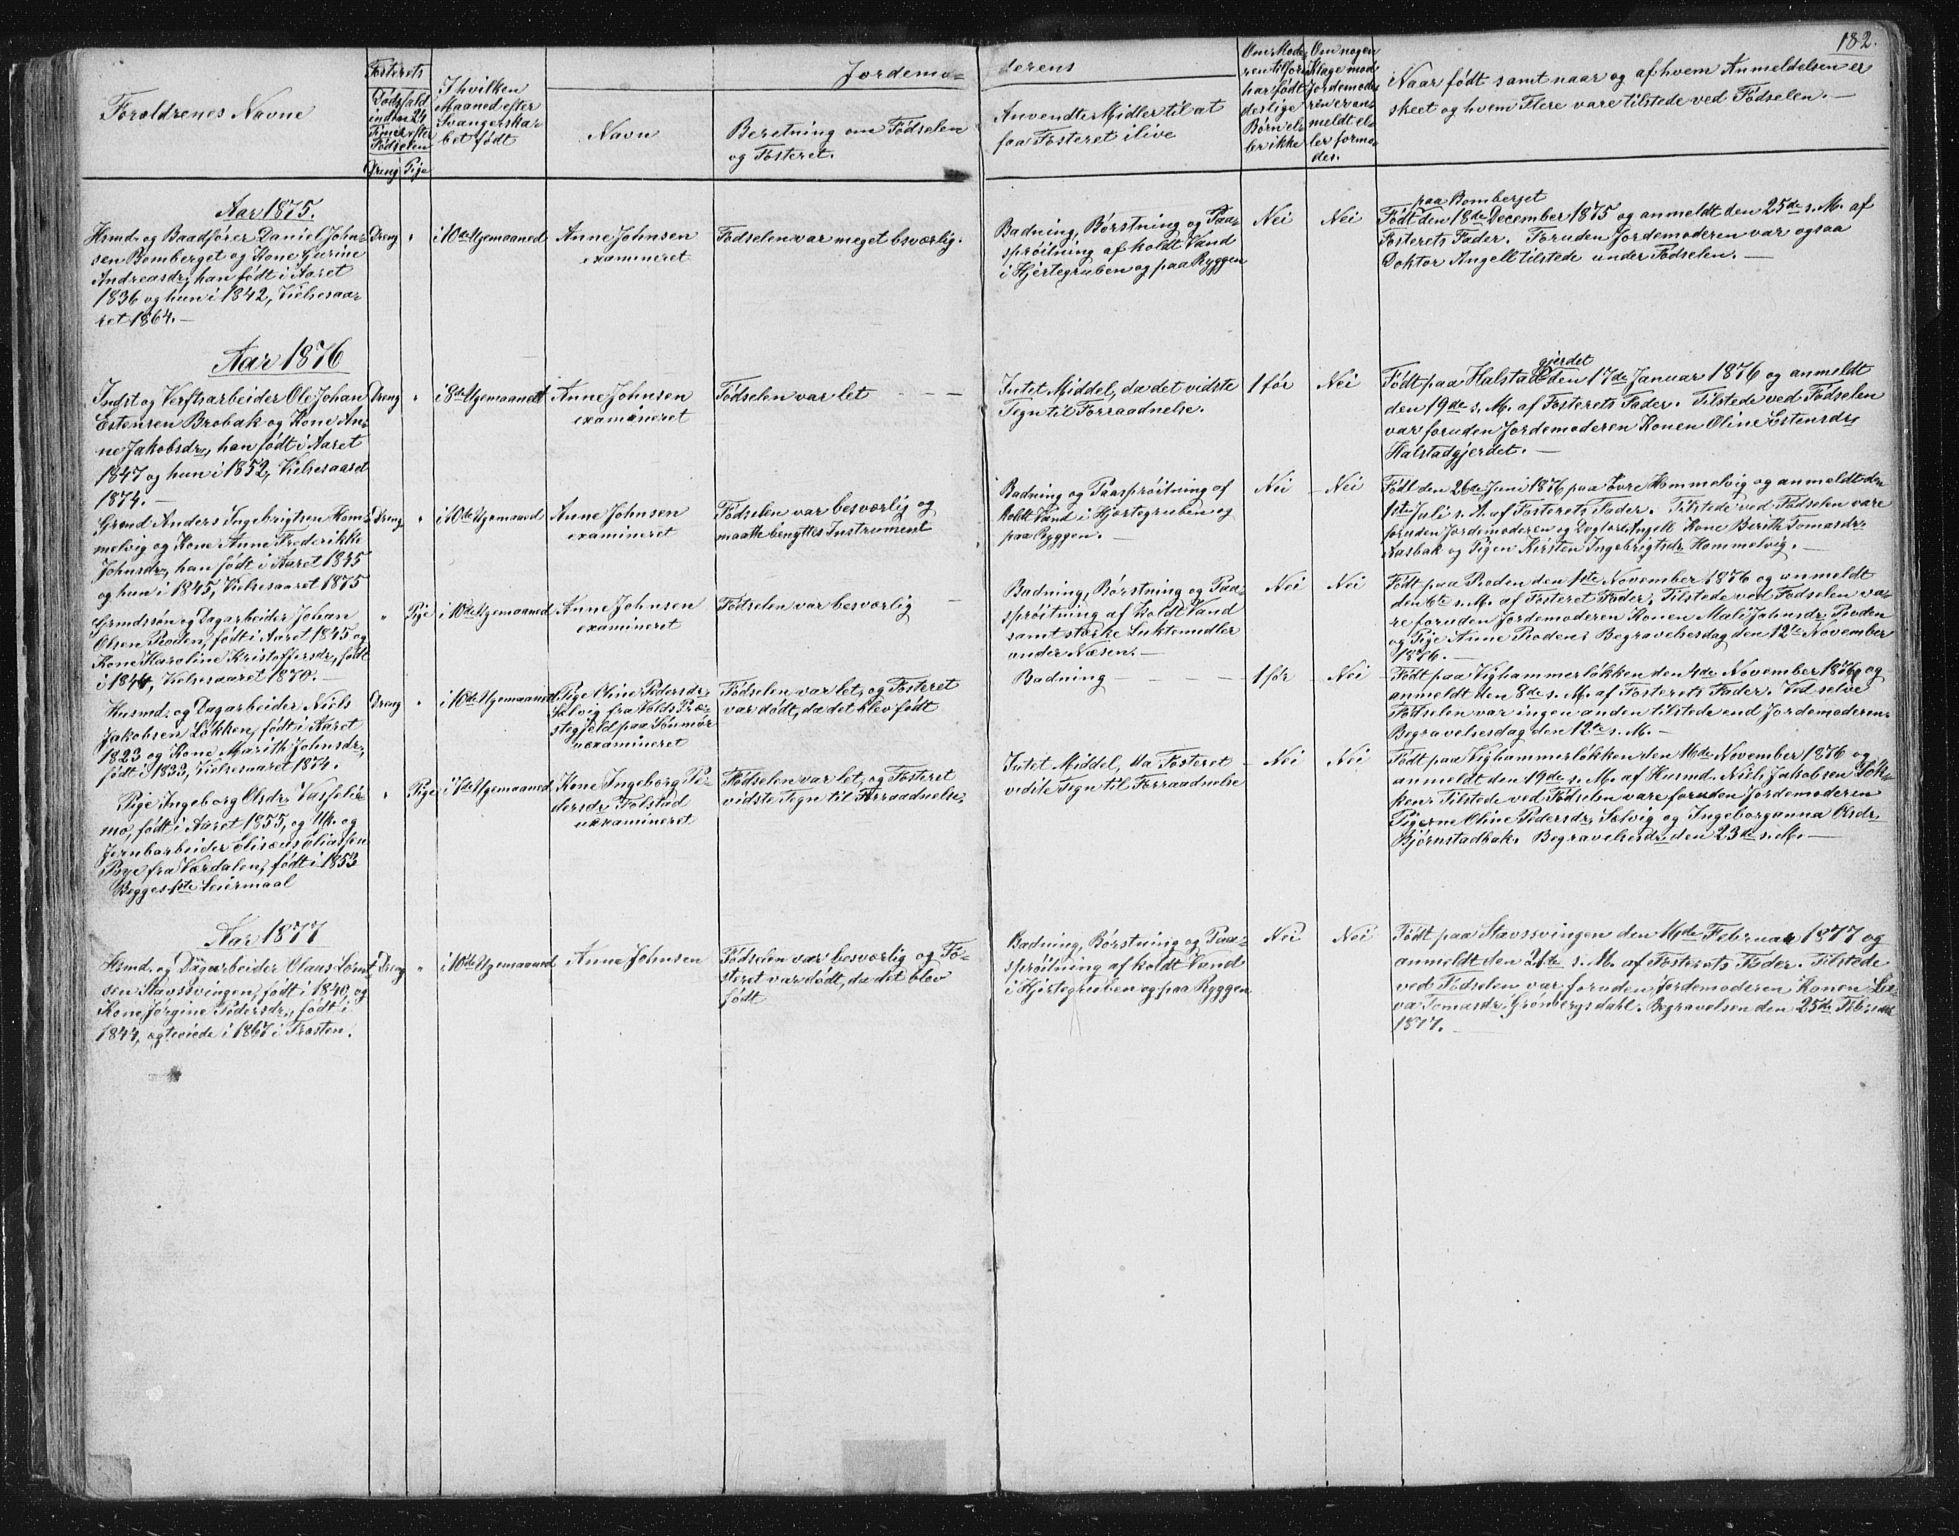 SAT, Ministerialprotokoller, klokkerbøker og fødselsregistre - Sør-Trøndelag, 616/L0406: Ministerialbok nr. 616A03, 1843-1879, s. 182